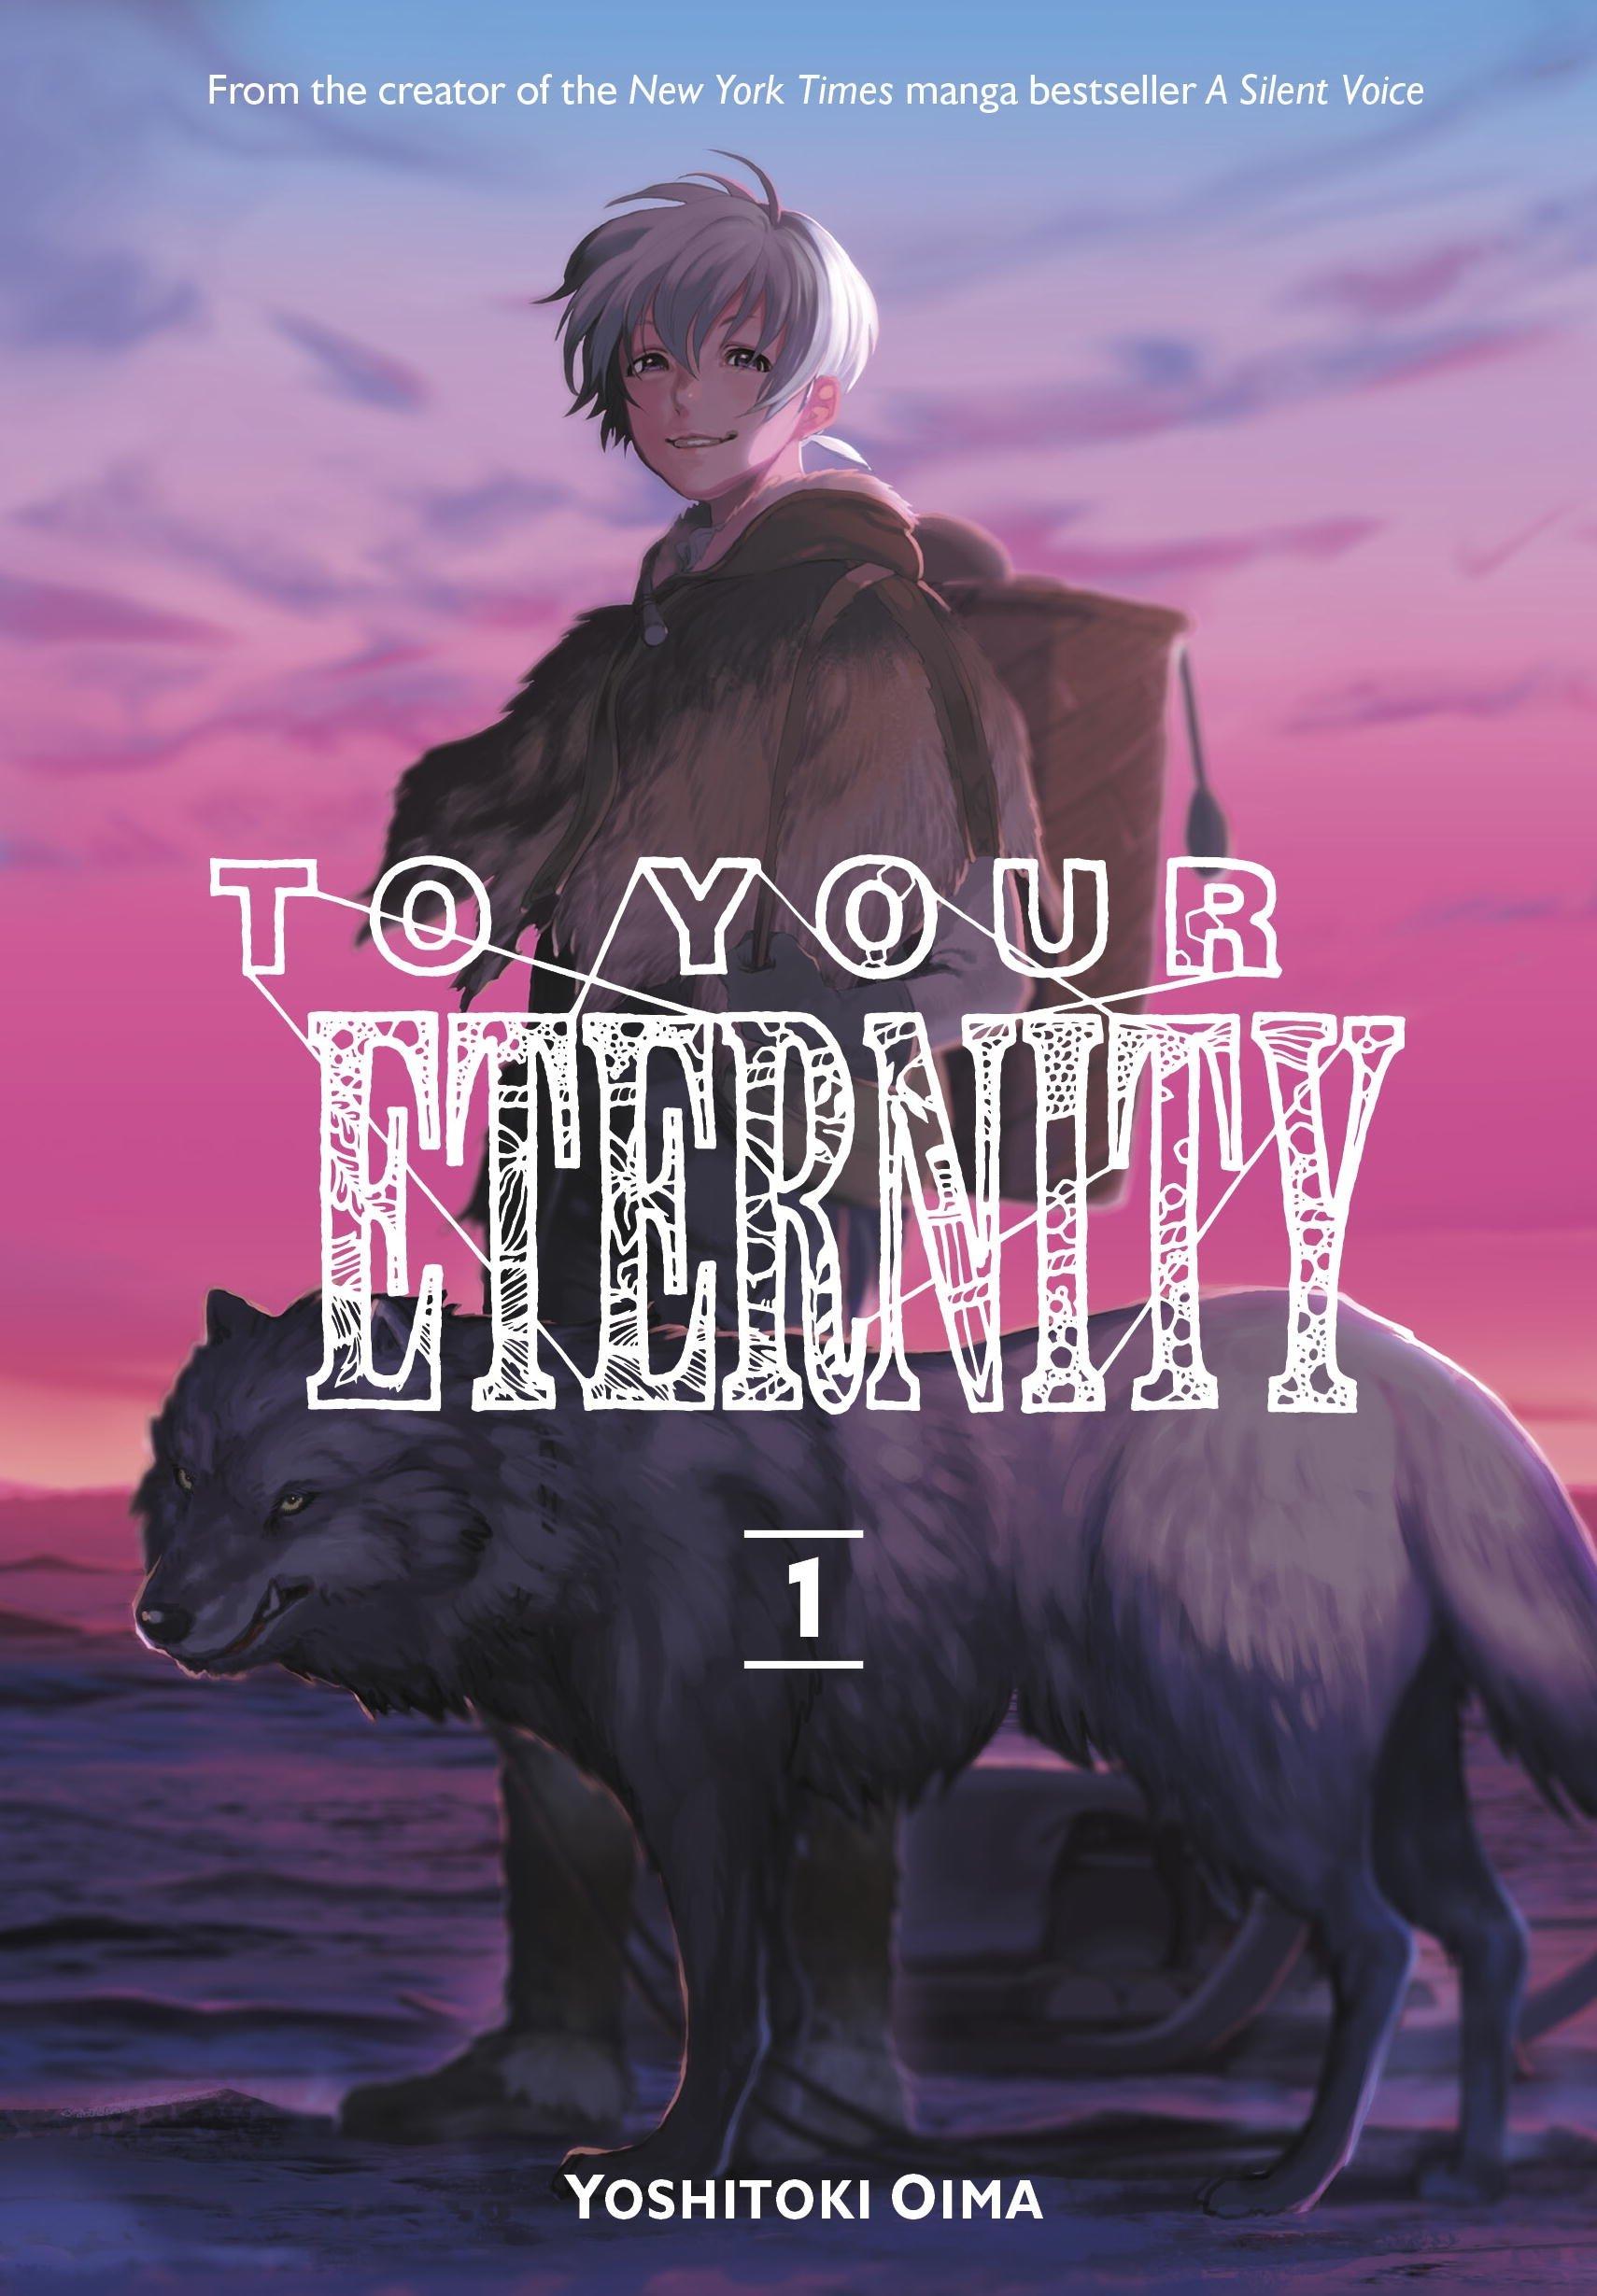 Amazon.com: Zu Ihrer Ewigkeit 1 (9781632365712): Oima, Yoshitoki: Bücher